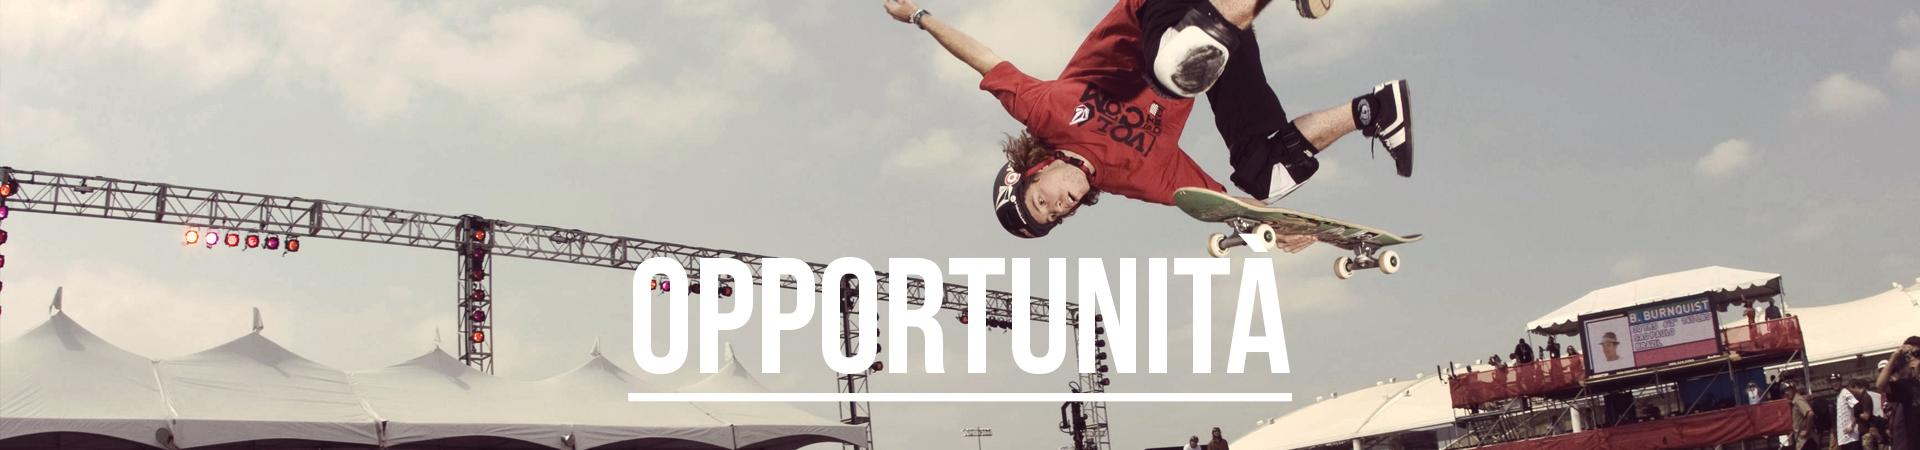 Opportunità di sponsorizzazione attività di marketing engagement b2b b2c